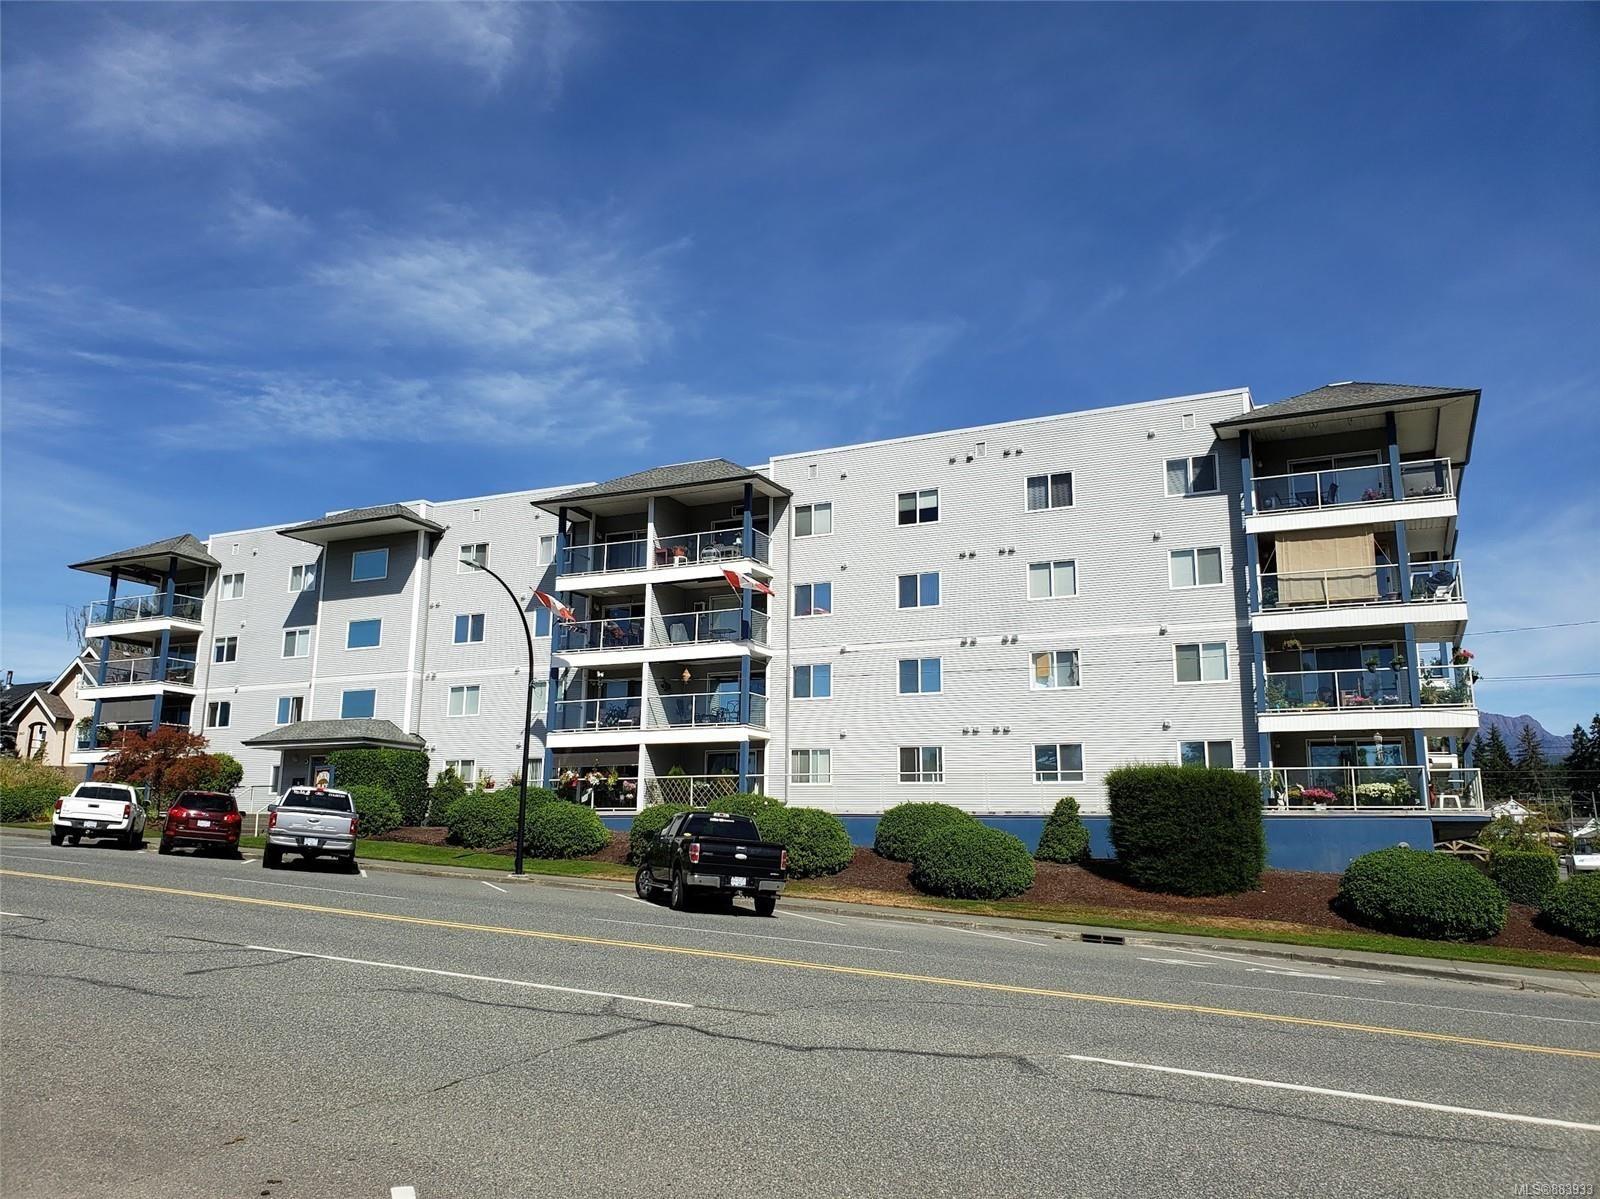 Main Photo: 306 2825 3rd Ave in : PA Port Alberni Condo for sale (Port Alberni)  : MLS®# 883933